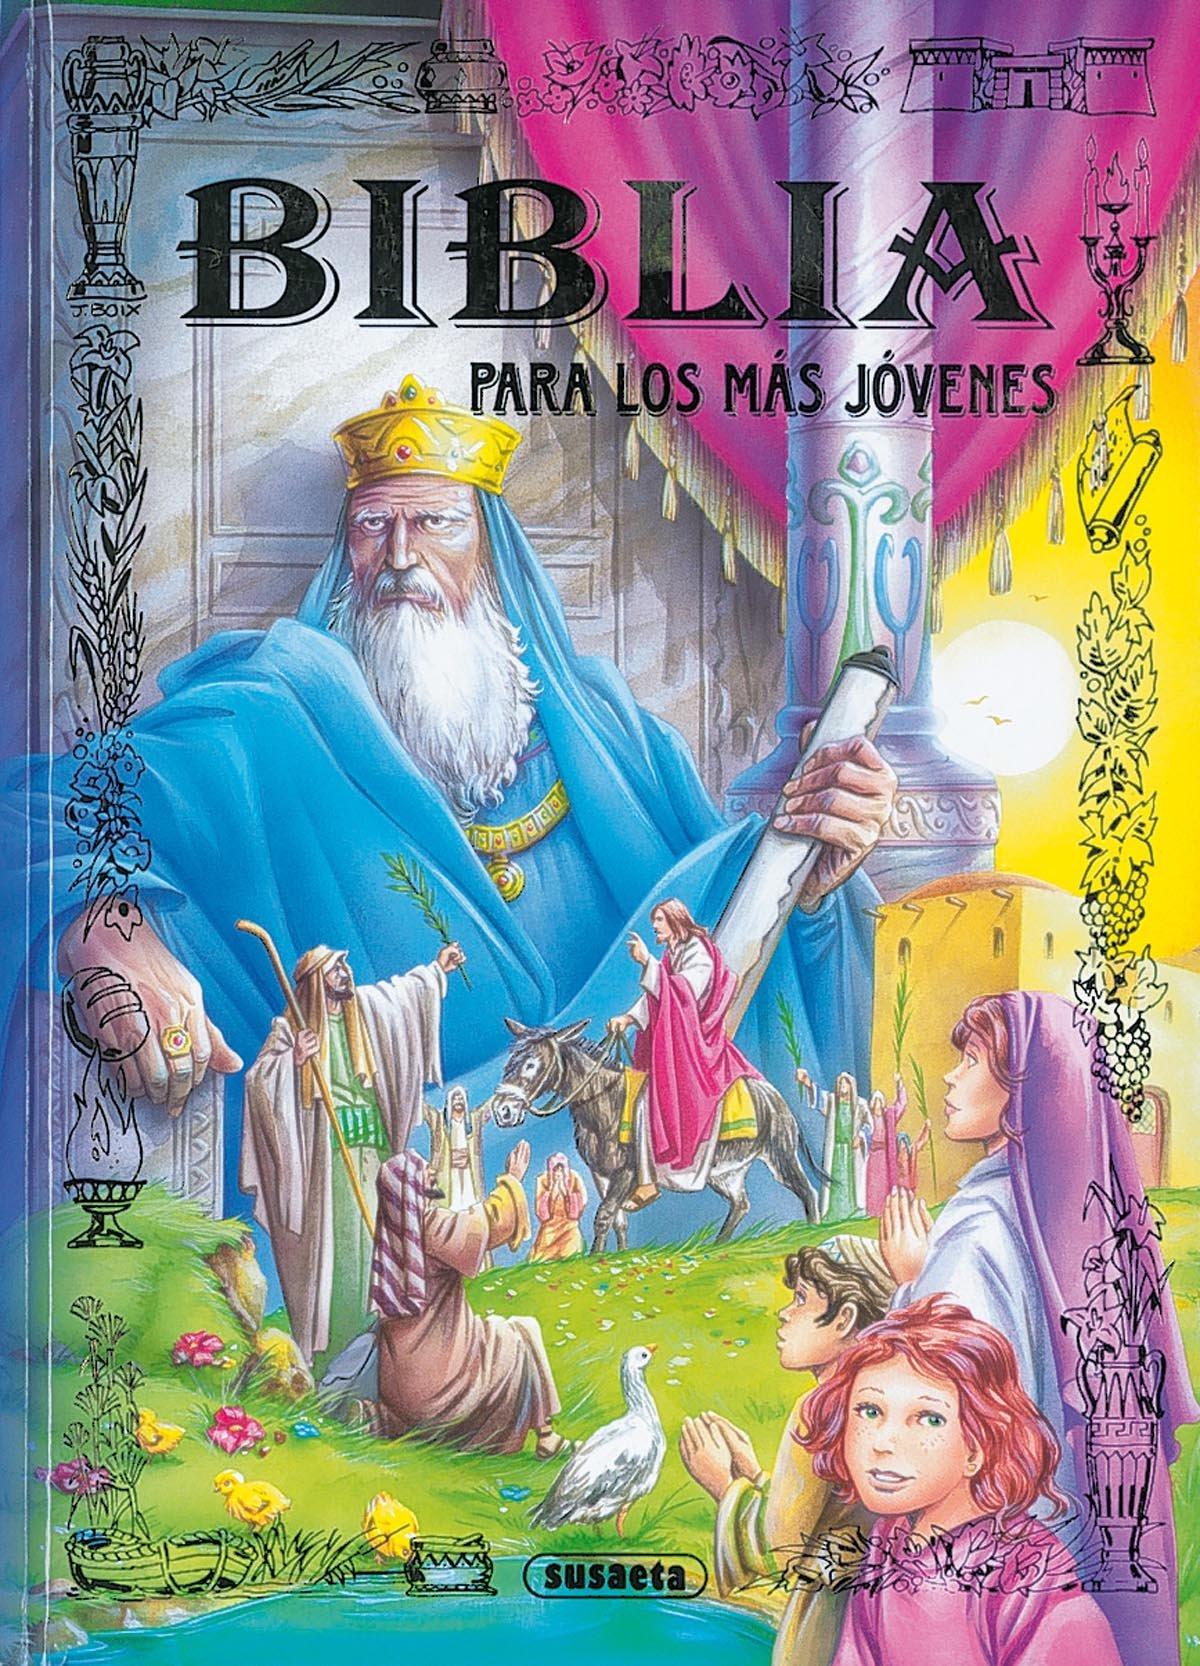 Biblia para los más jóvenes (Biblia Para Jóvenes) por Equipo Susaeta